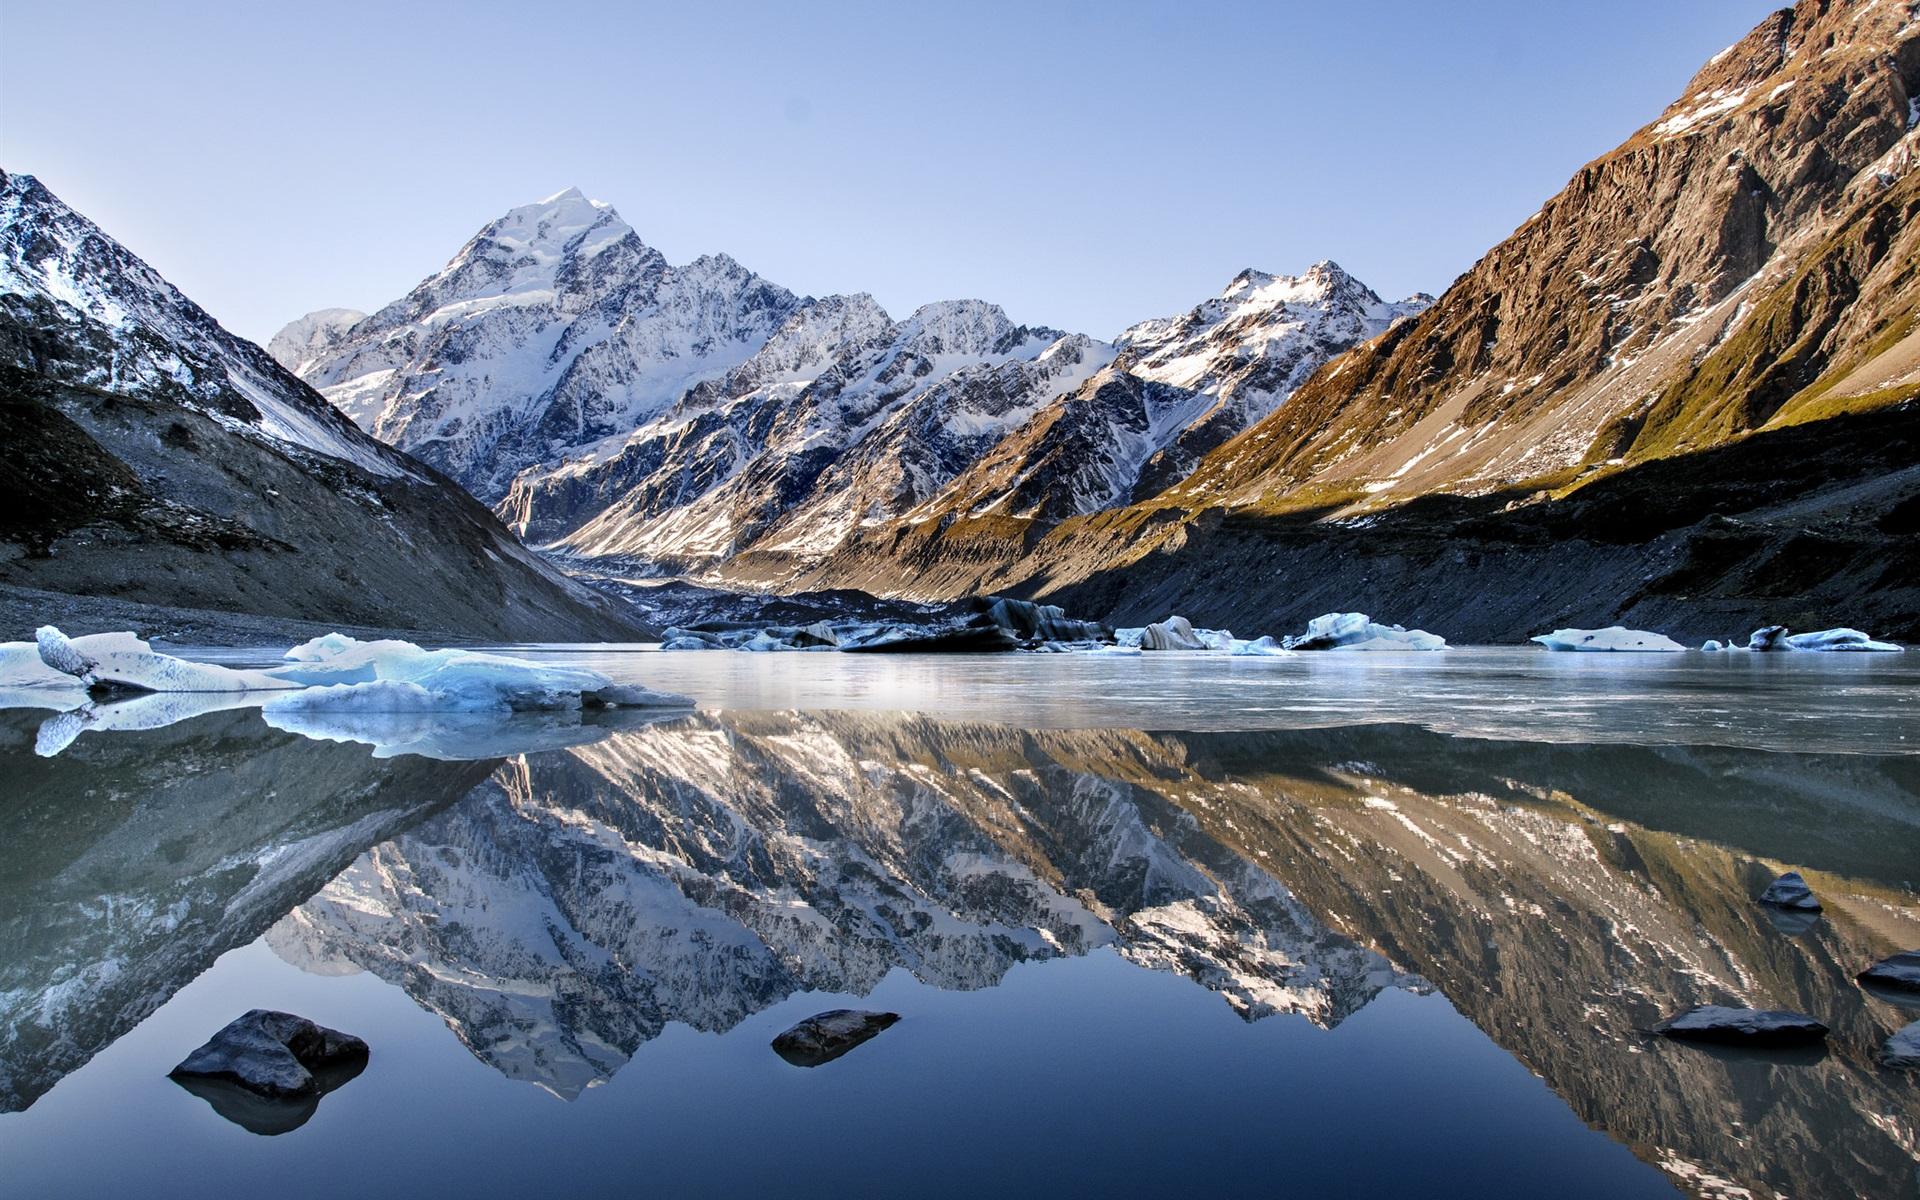 Lago Con Montañas Nevadas Hd: Fondos De Pantalla Lago, Montañas, Nieve, Agua De